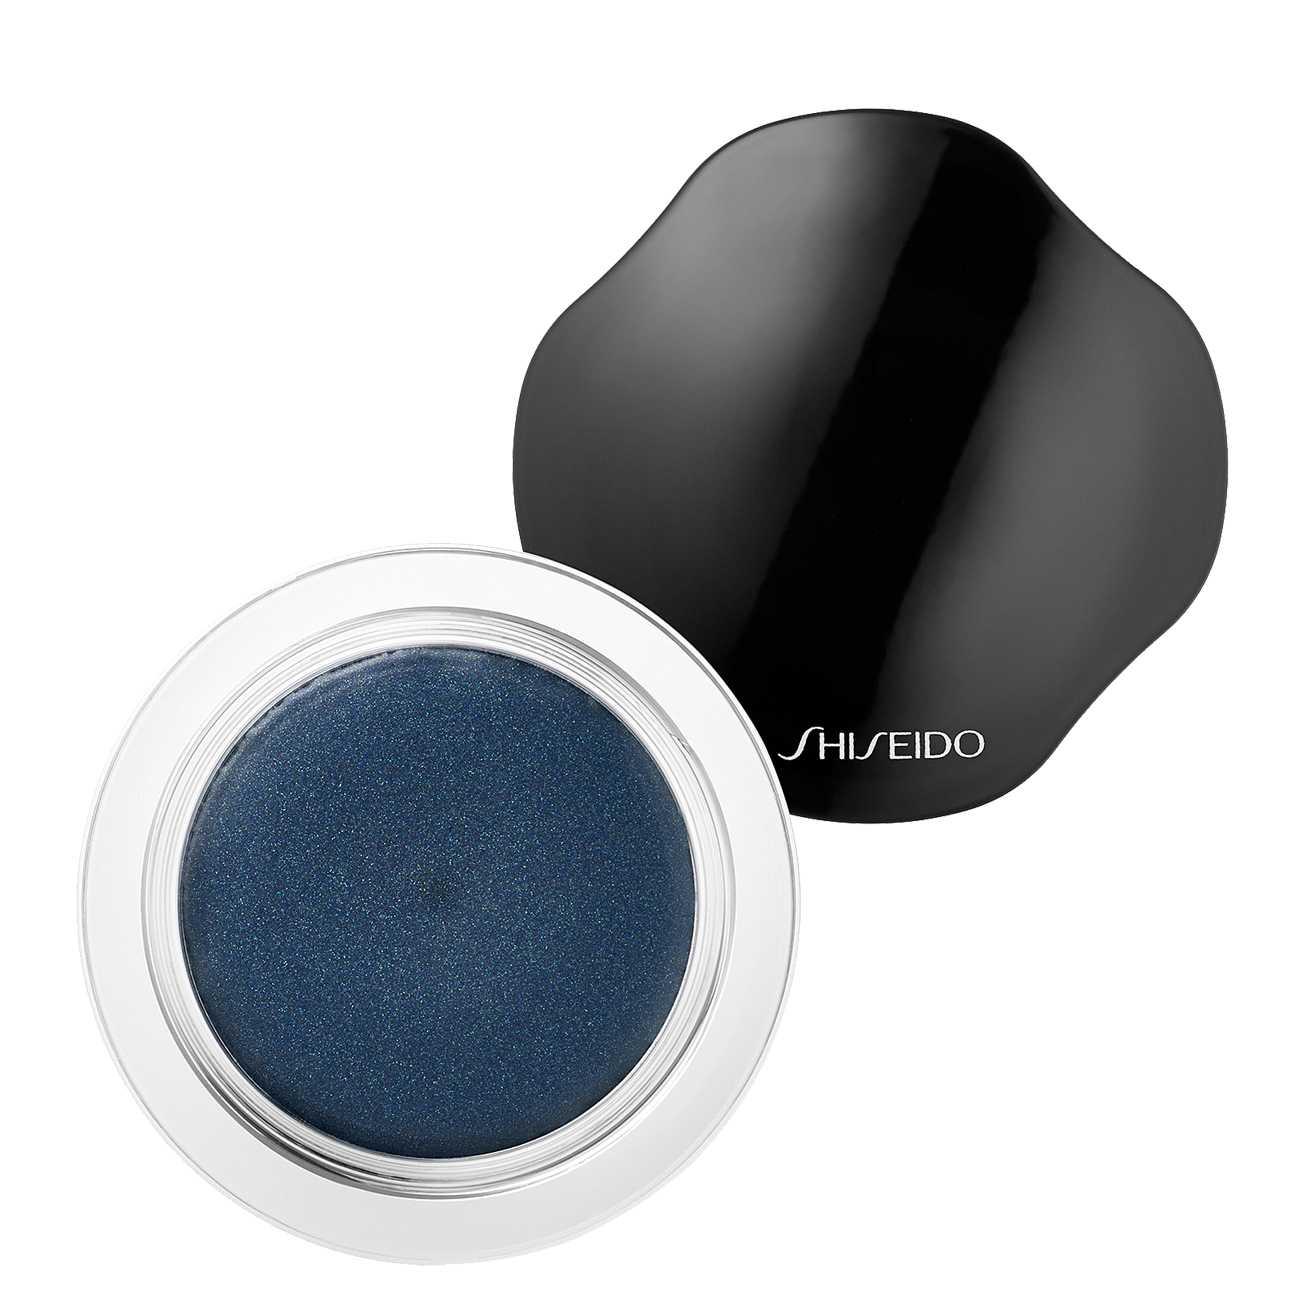 Shimmering Cream Eye Color 6 G Nightfall Bl 722 Shiseido imagine 2021 bestvalue.eu